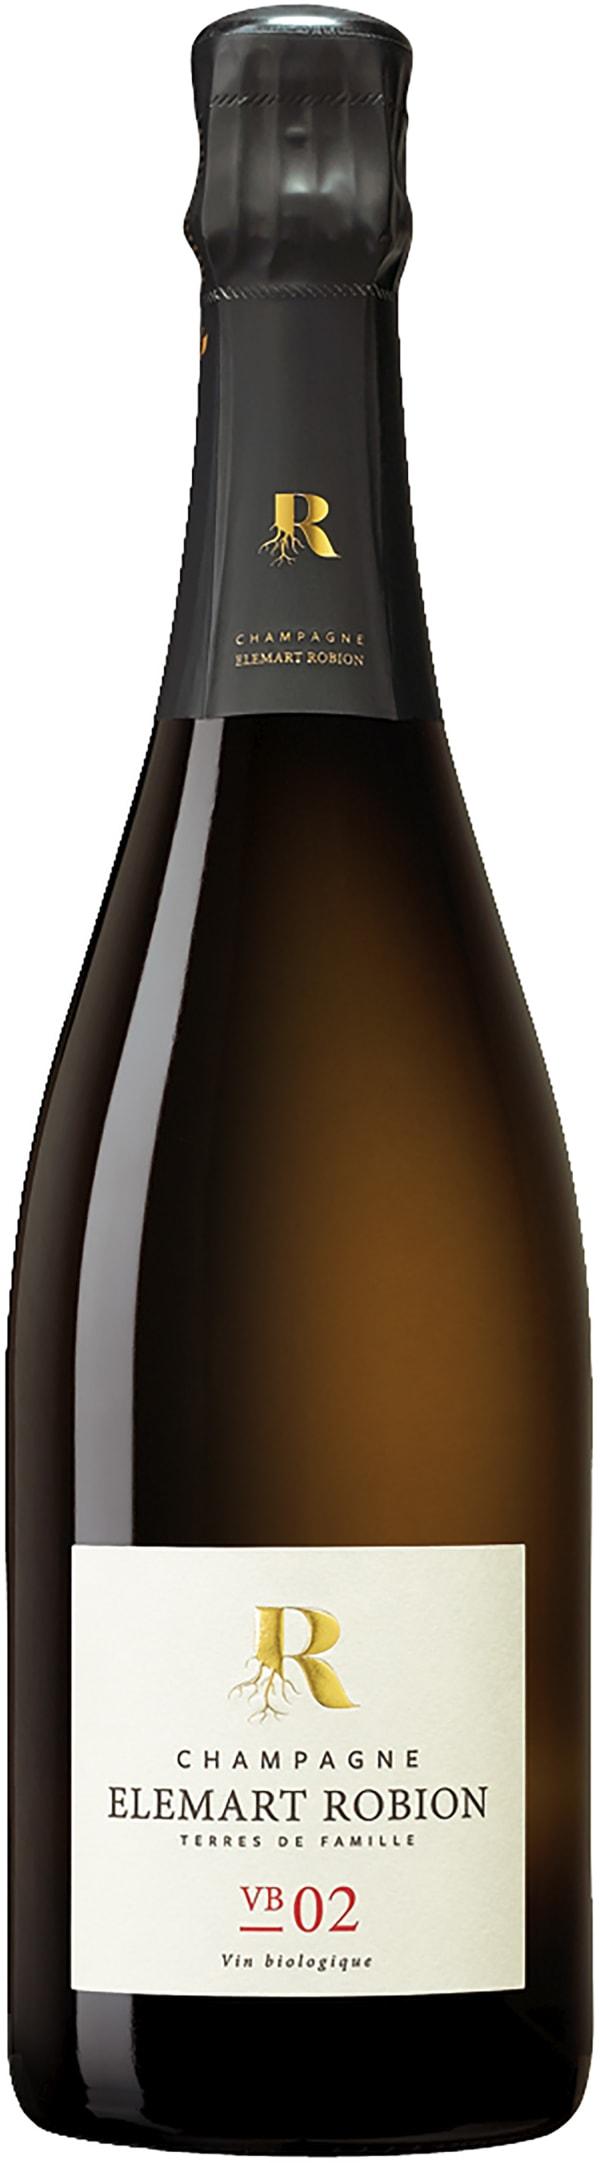 Elemart Robion VB02 Champagne Extra Brut